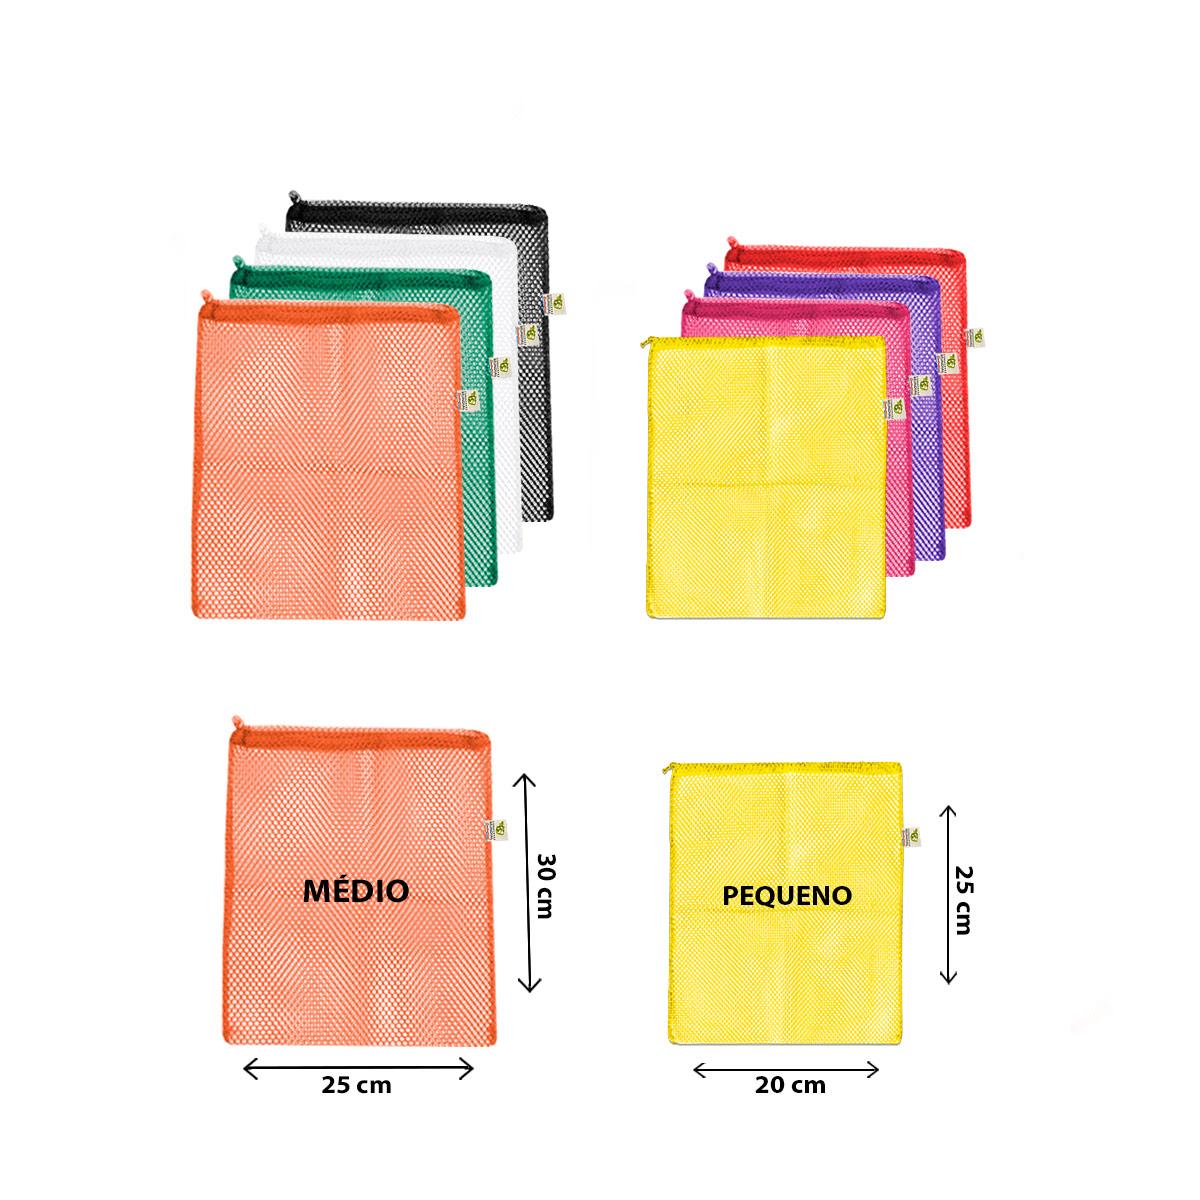 Kit com 8 saquinhos |Tamanhos  P e M